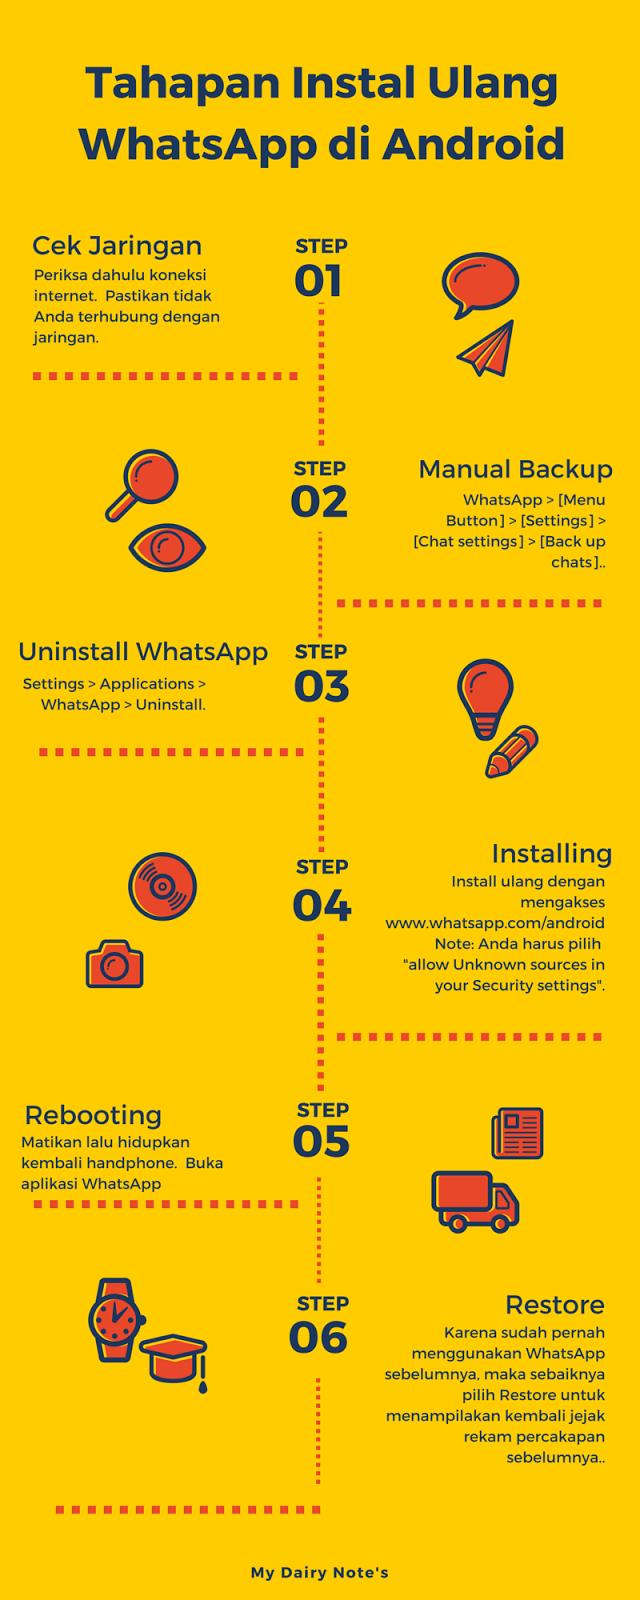 Bagaimana cara menginstal ulagn WhatsApp di Android